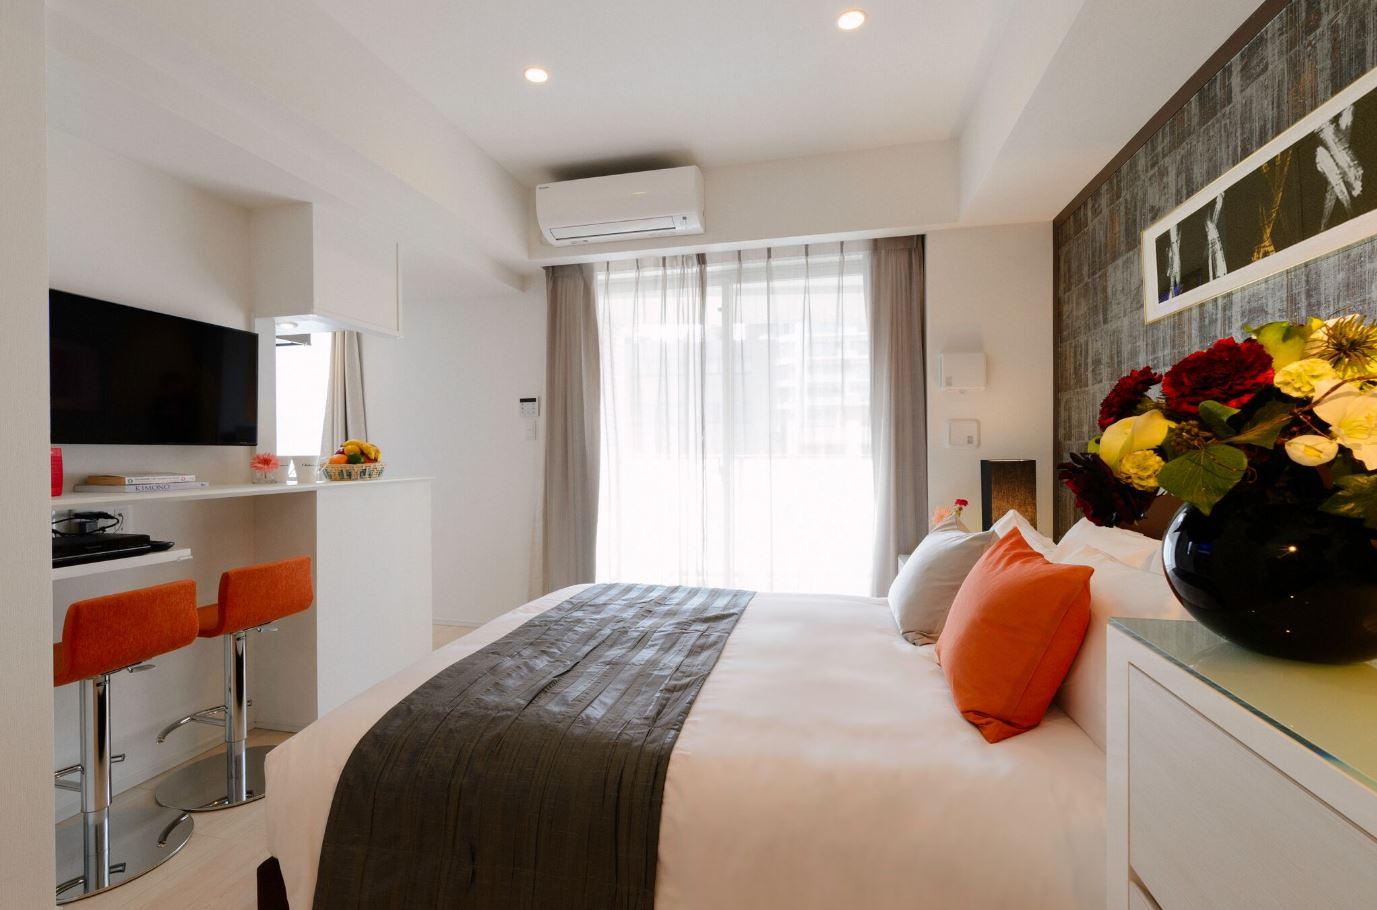 Comfortable bed at Oakwood Apartments Minami Azabu Apartments - Citybase Apartments